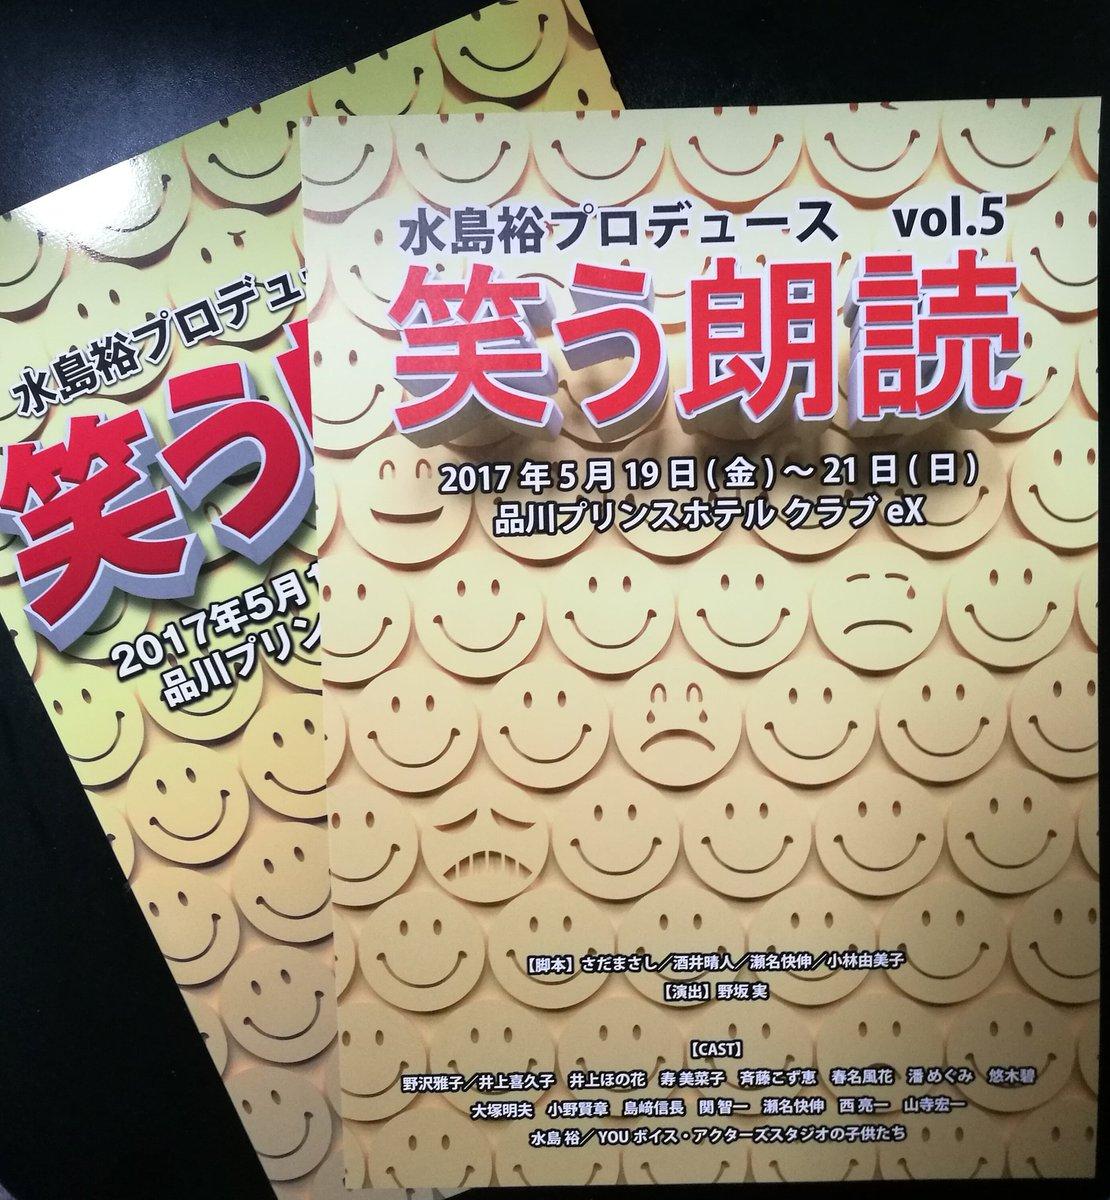 水島裕さんプロデュースの朗読劇「笑う朗読」の初日に行って来ました。とても面白かったです!やはり皆さん、素晴らしい演技力で